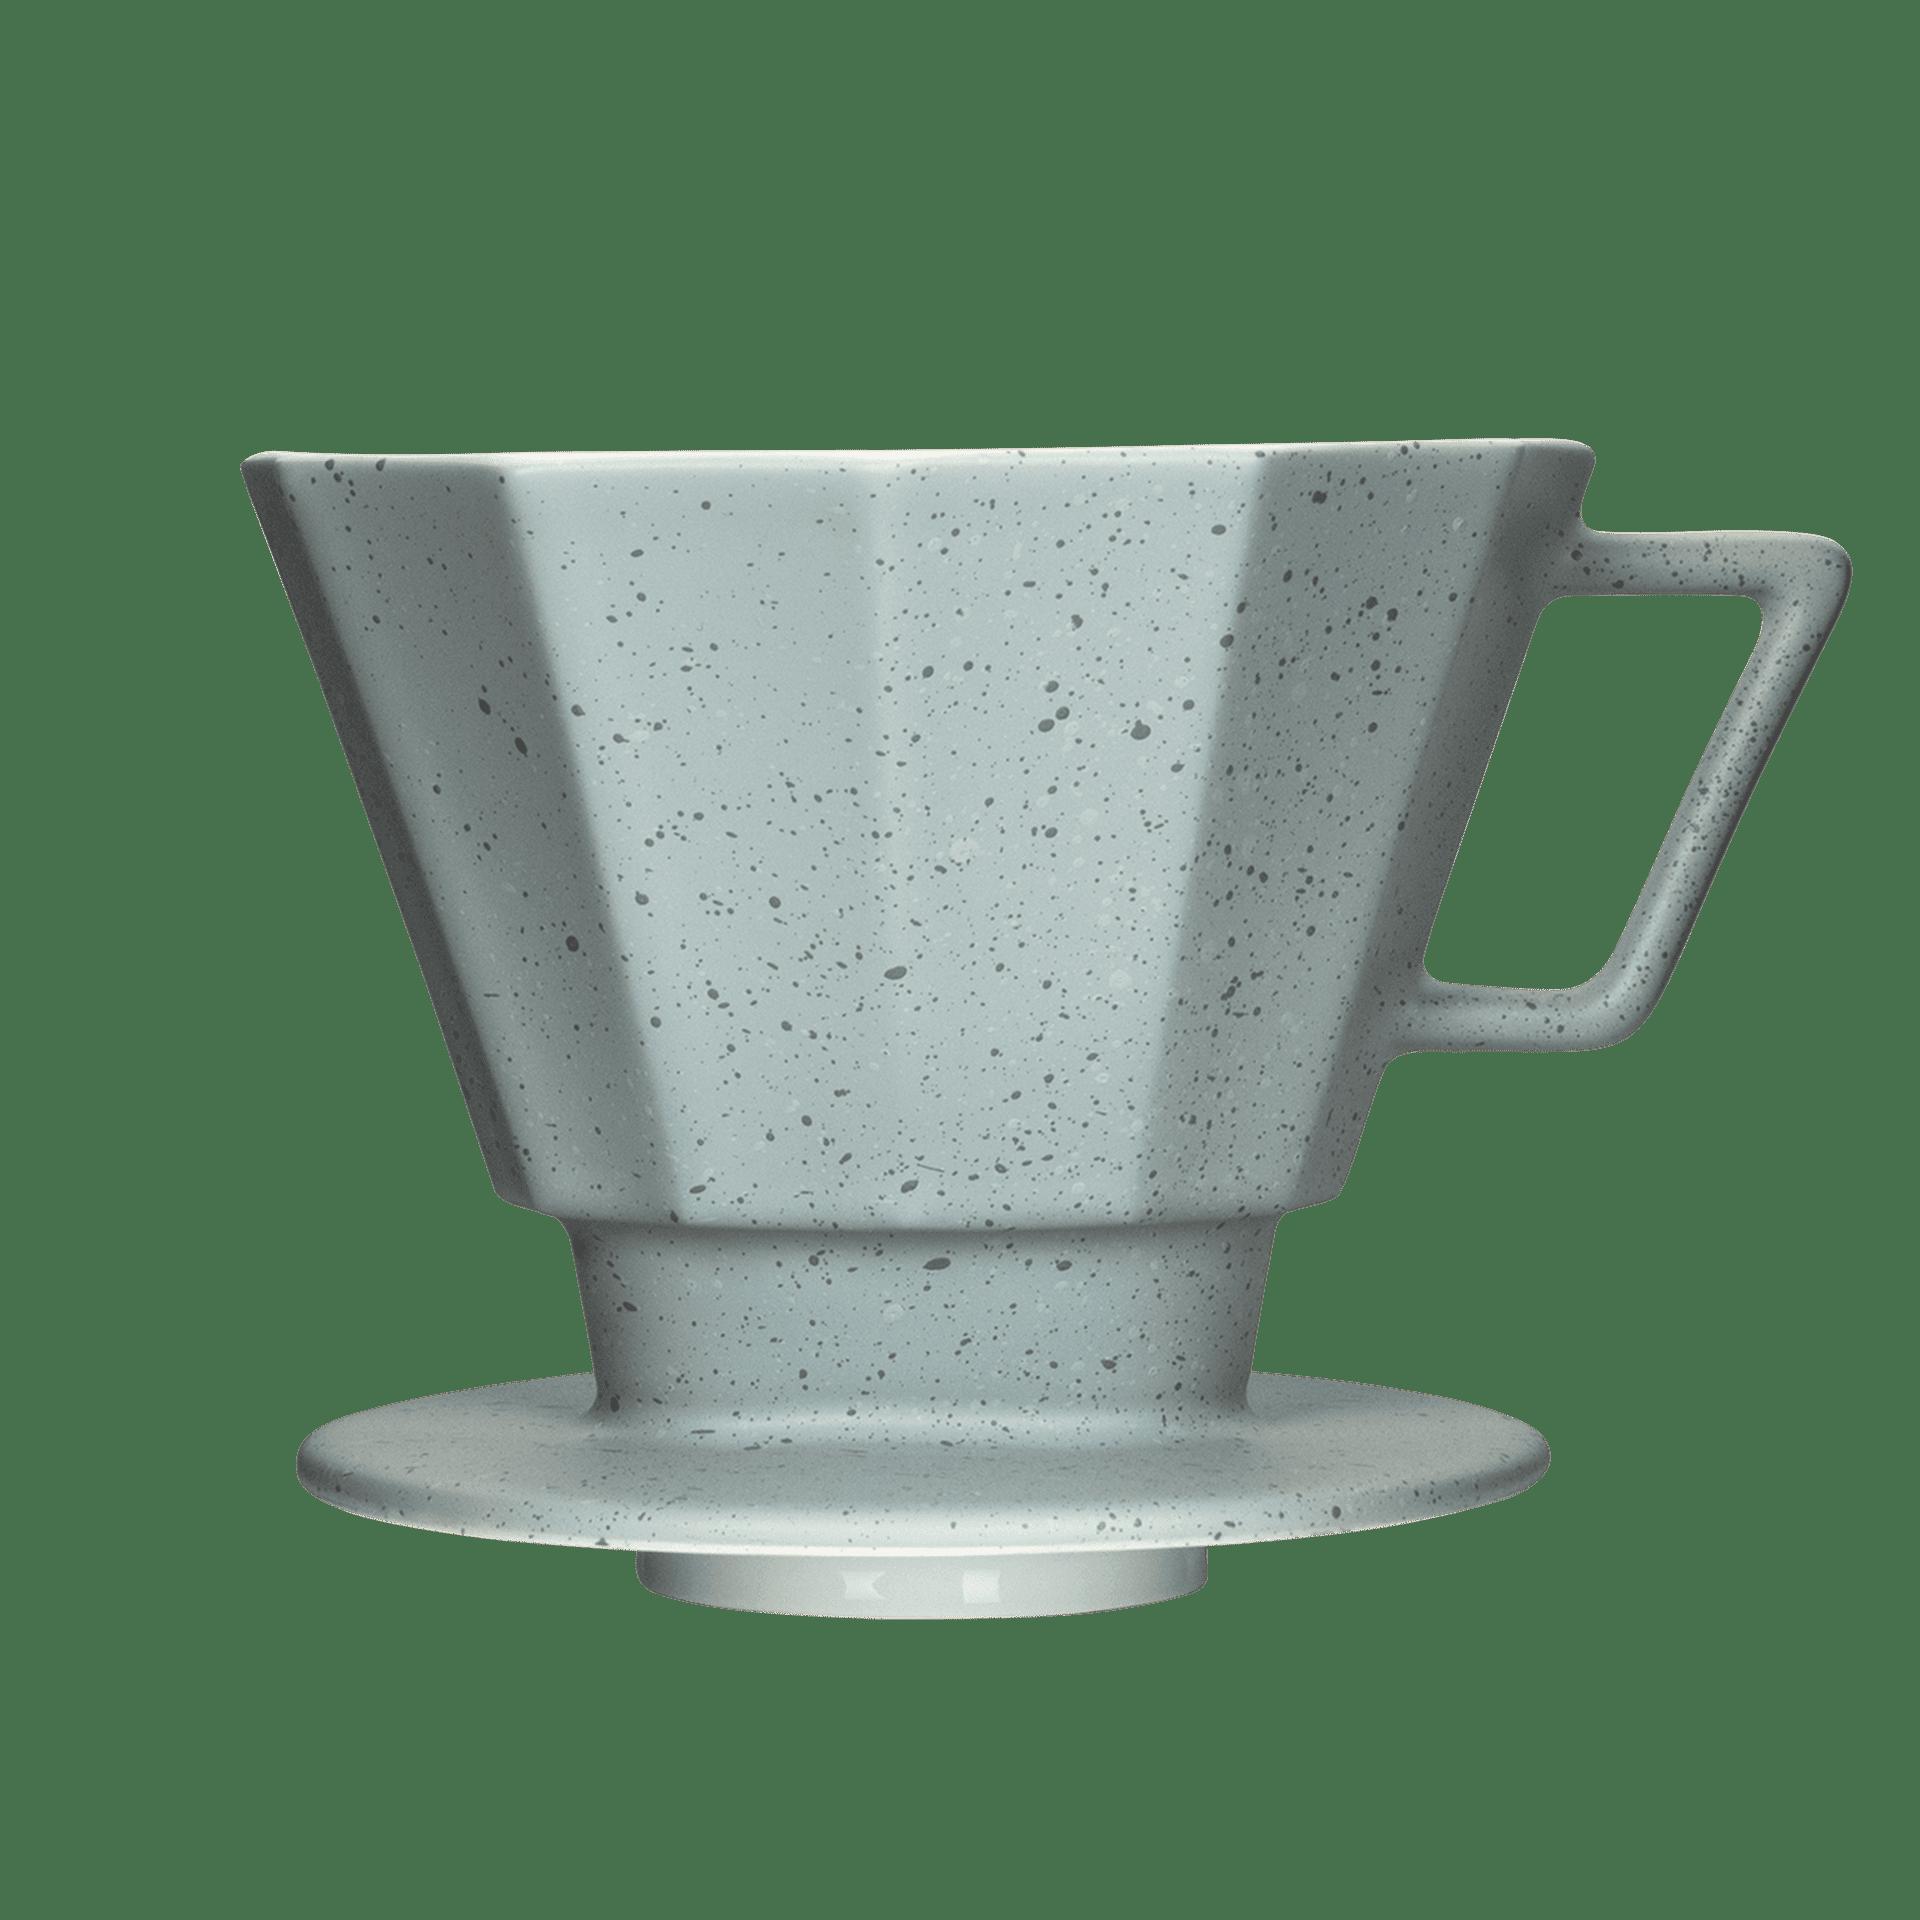 Porzellan Kaffeefilter, Stonewash Grey, Größe 4